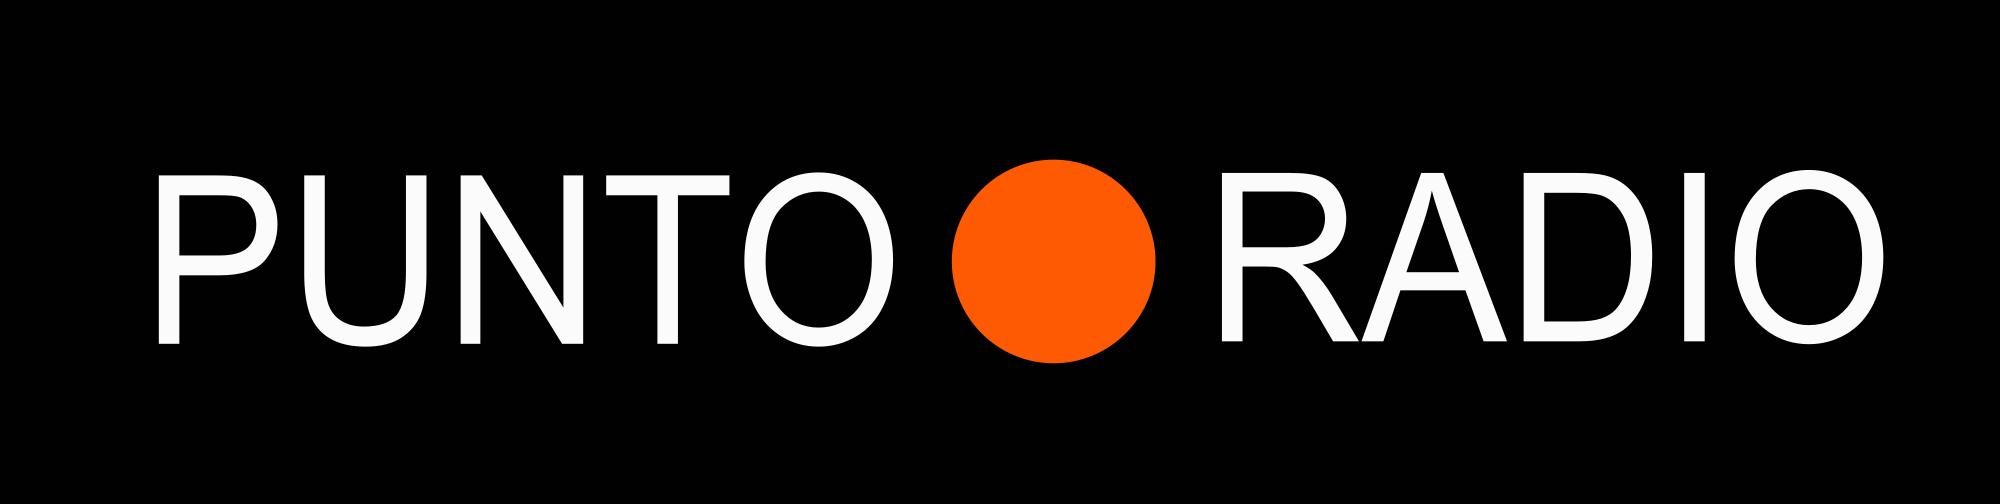 2000px-Logotipo_de_Punto_Radiosvgpng